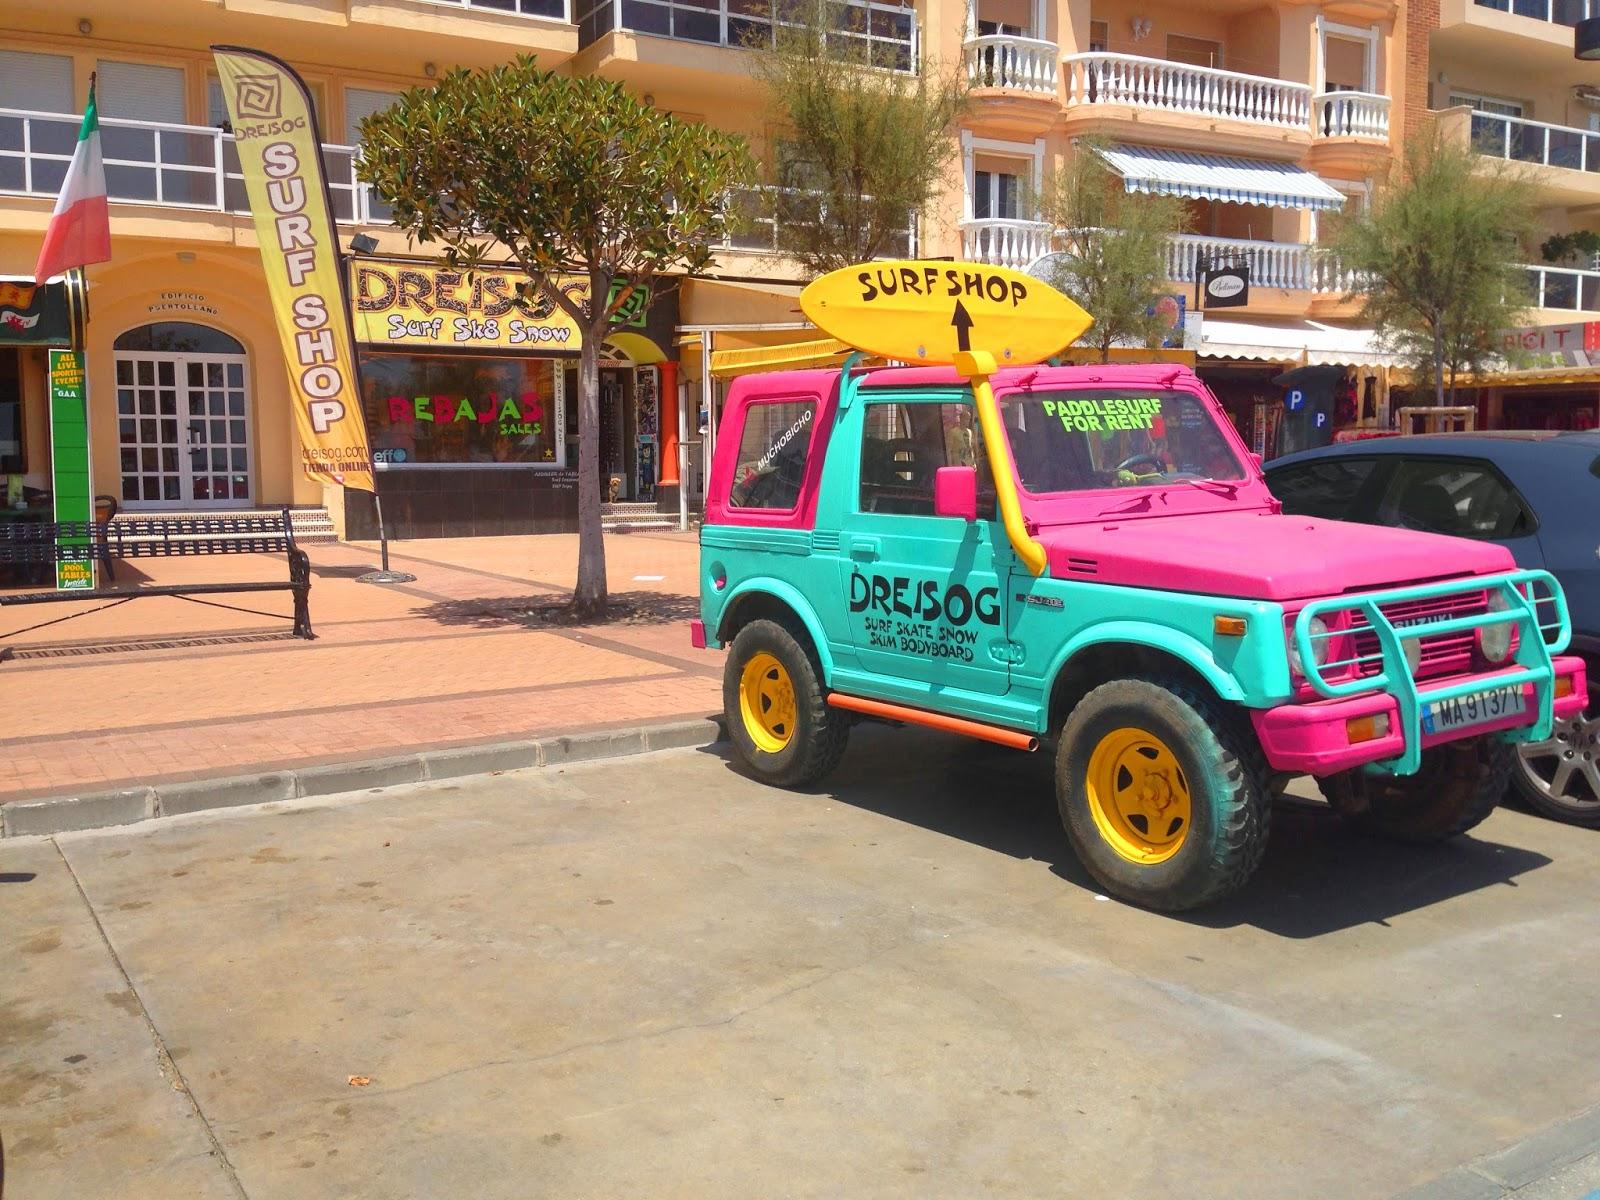 Dreisog tienda de surf